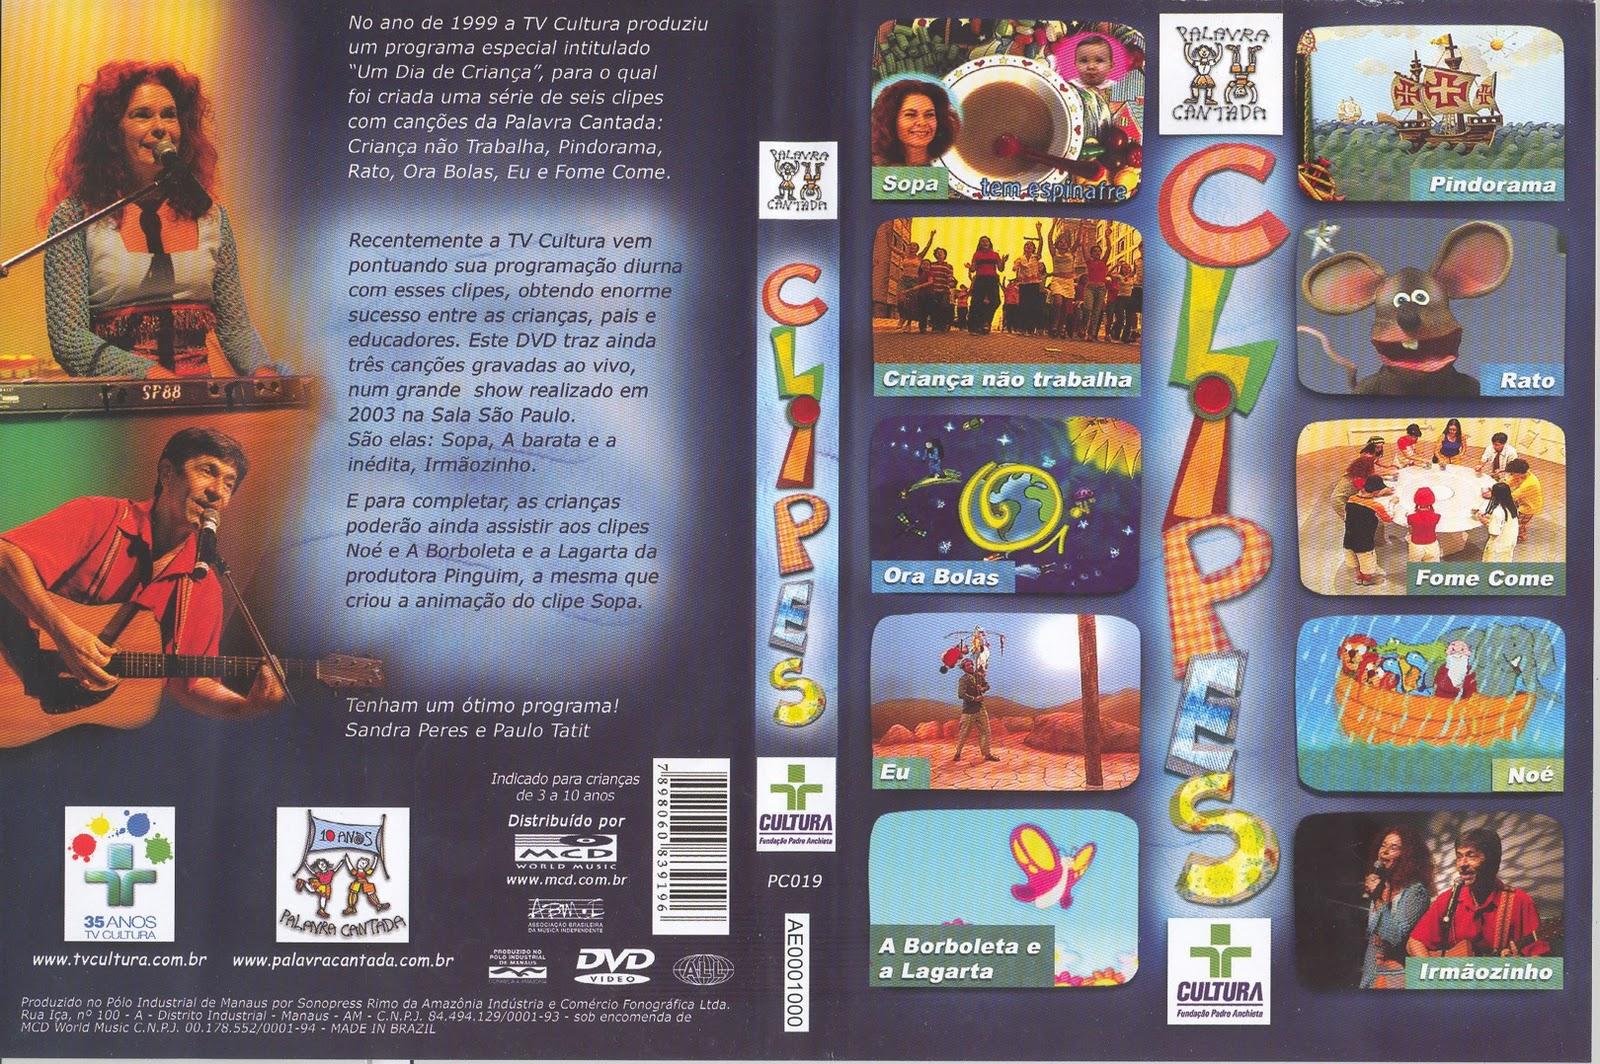 MUSICAIS CANTADA DVD PALAVRA BAIXAR BRINCADEIRAS SHOW